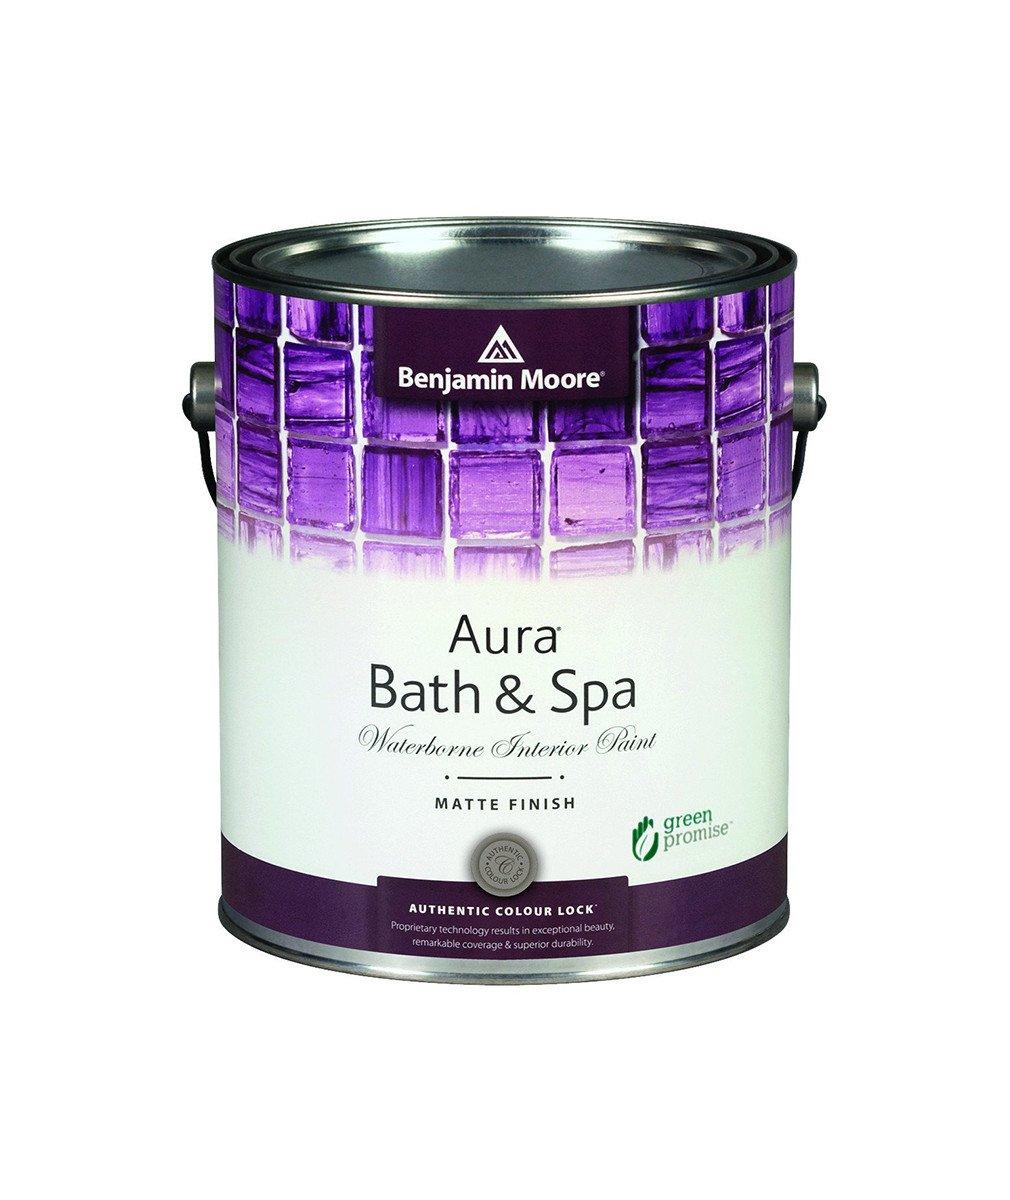 Aura_Bath_Spa_2000x.jpg